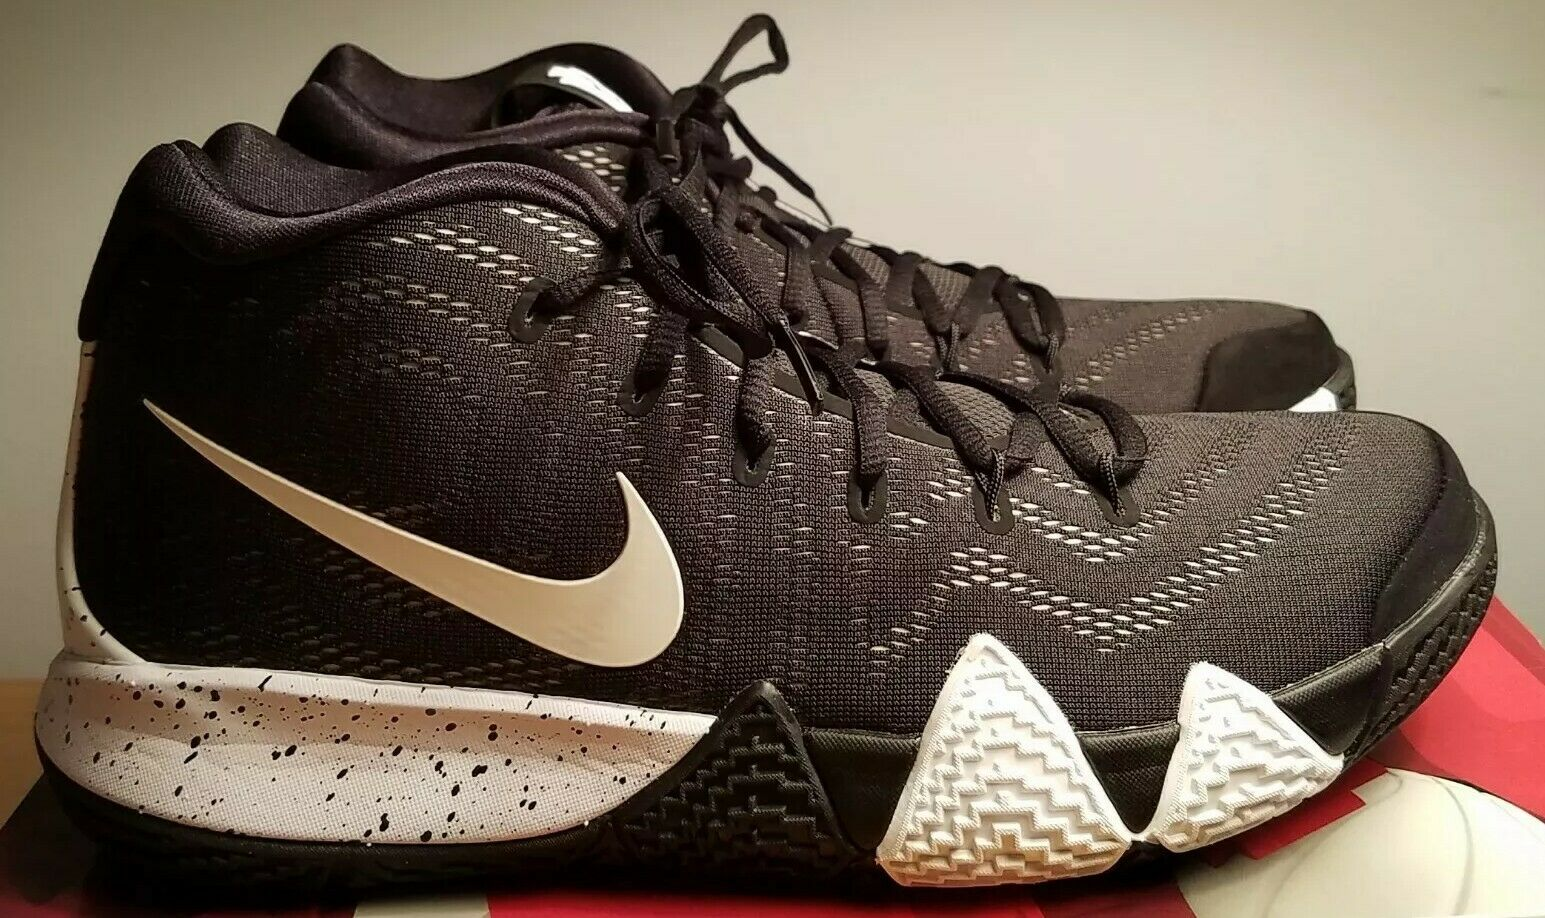 Nike Kyrie Irving 4 TB Mens AV2296-001 Black  White  Basketball size 10.5